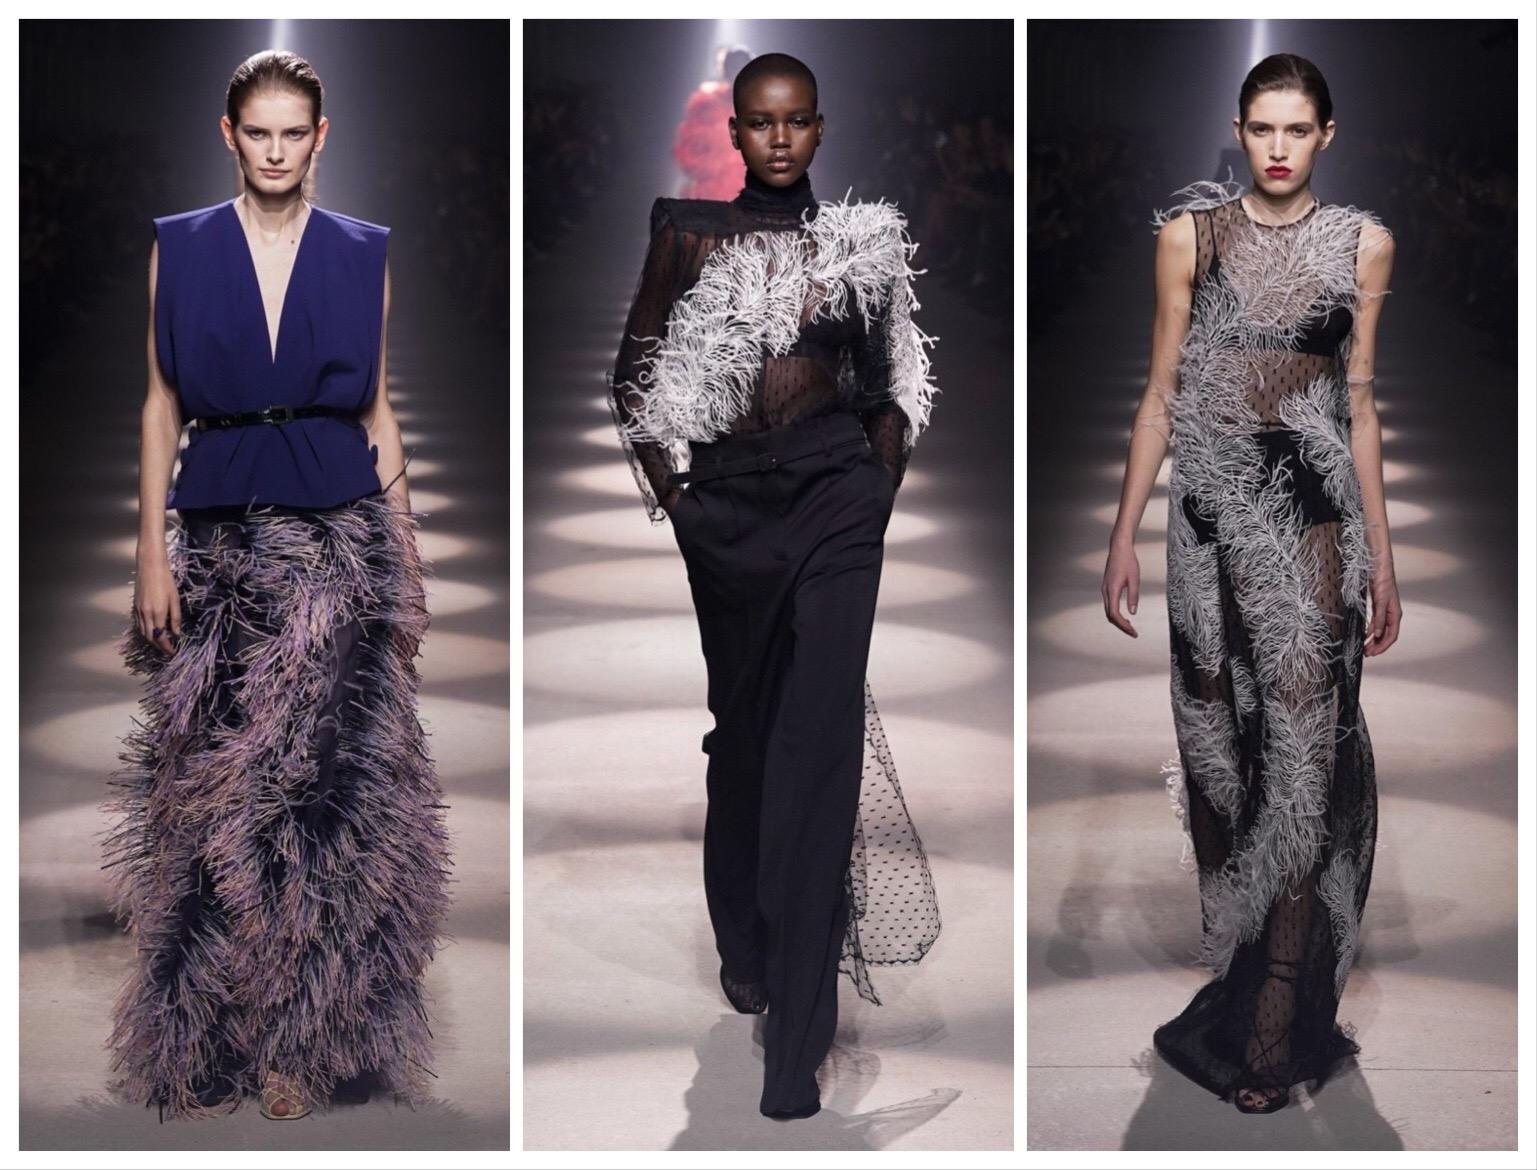 Глубина и сила женщины в новой коллекции Givenchy (ФОТО) - фото №10